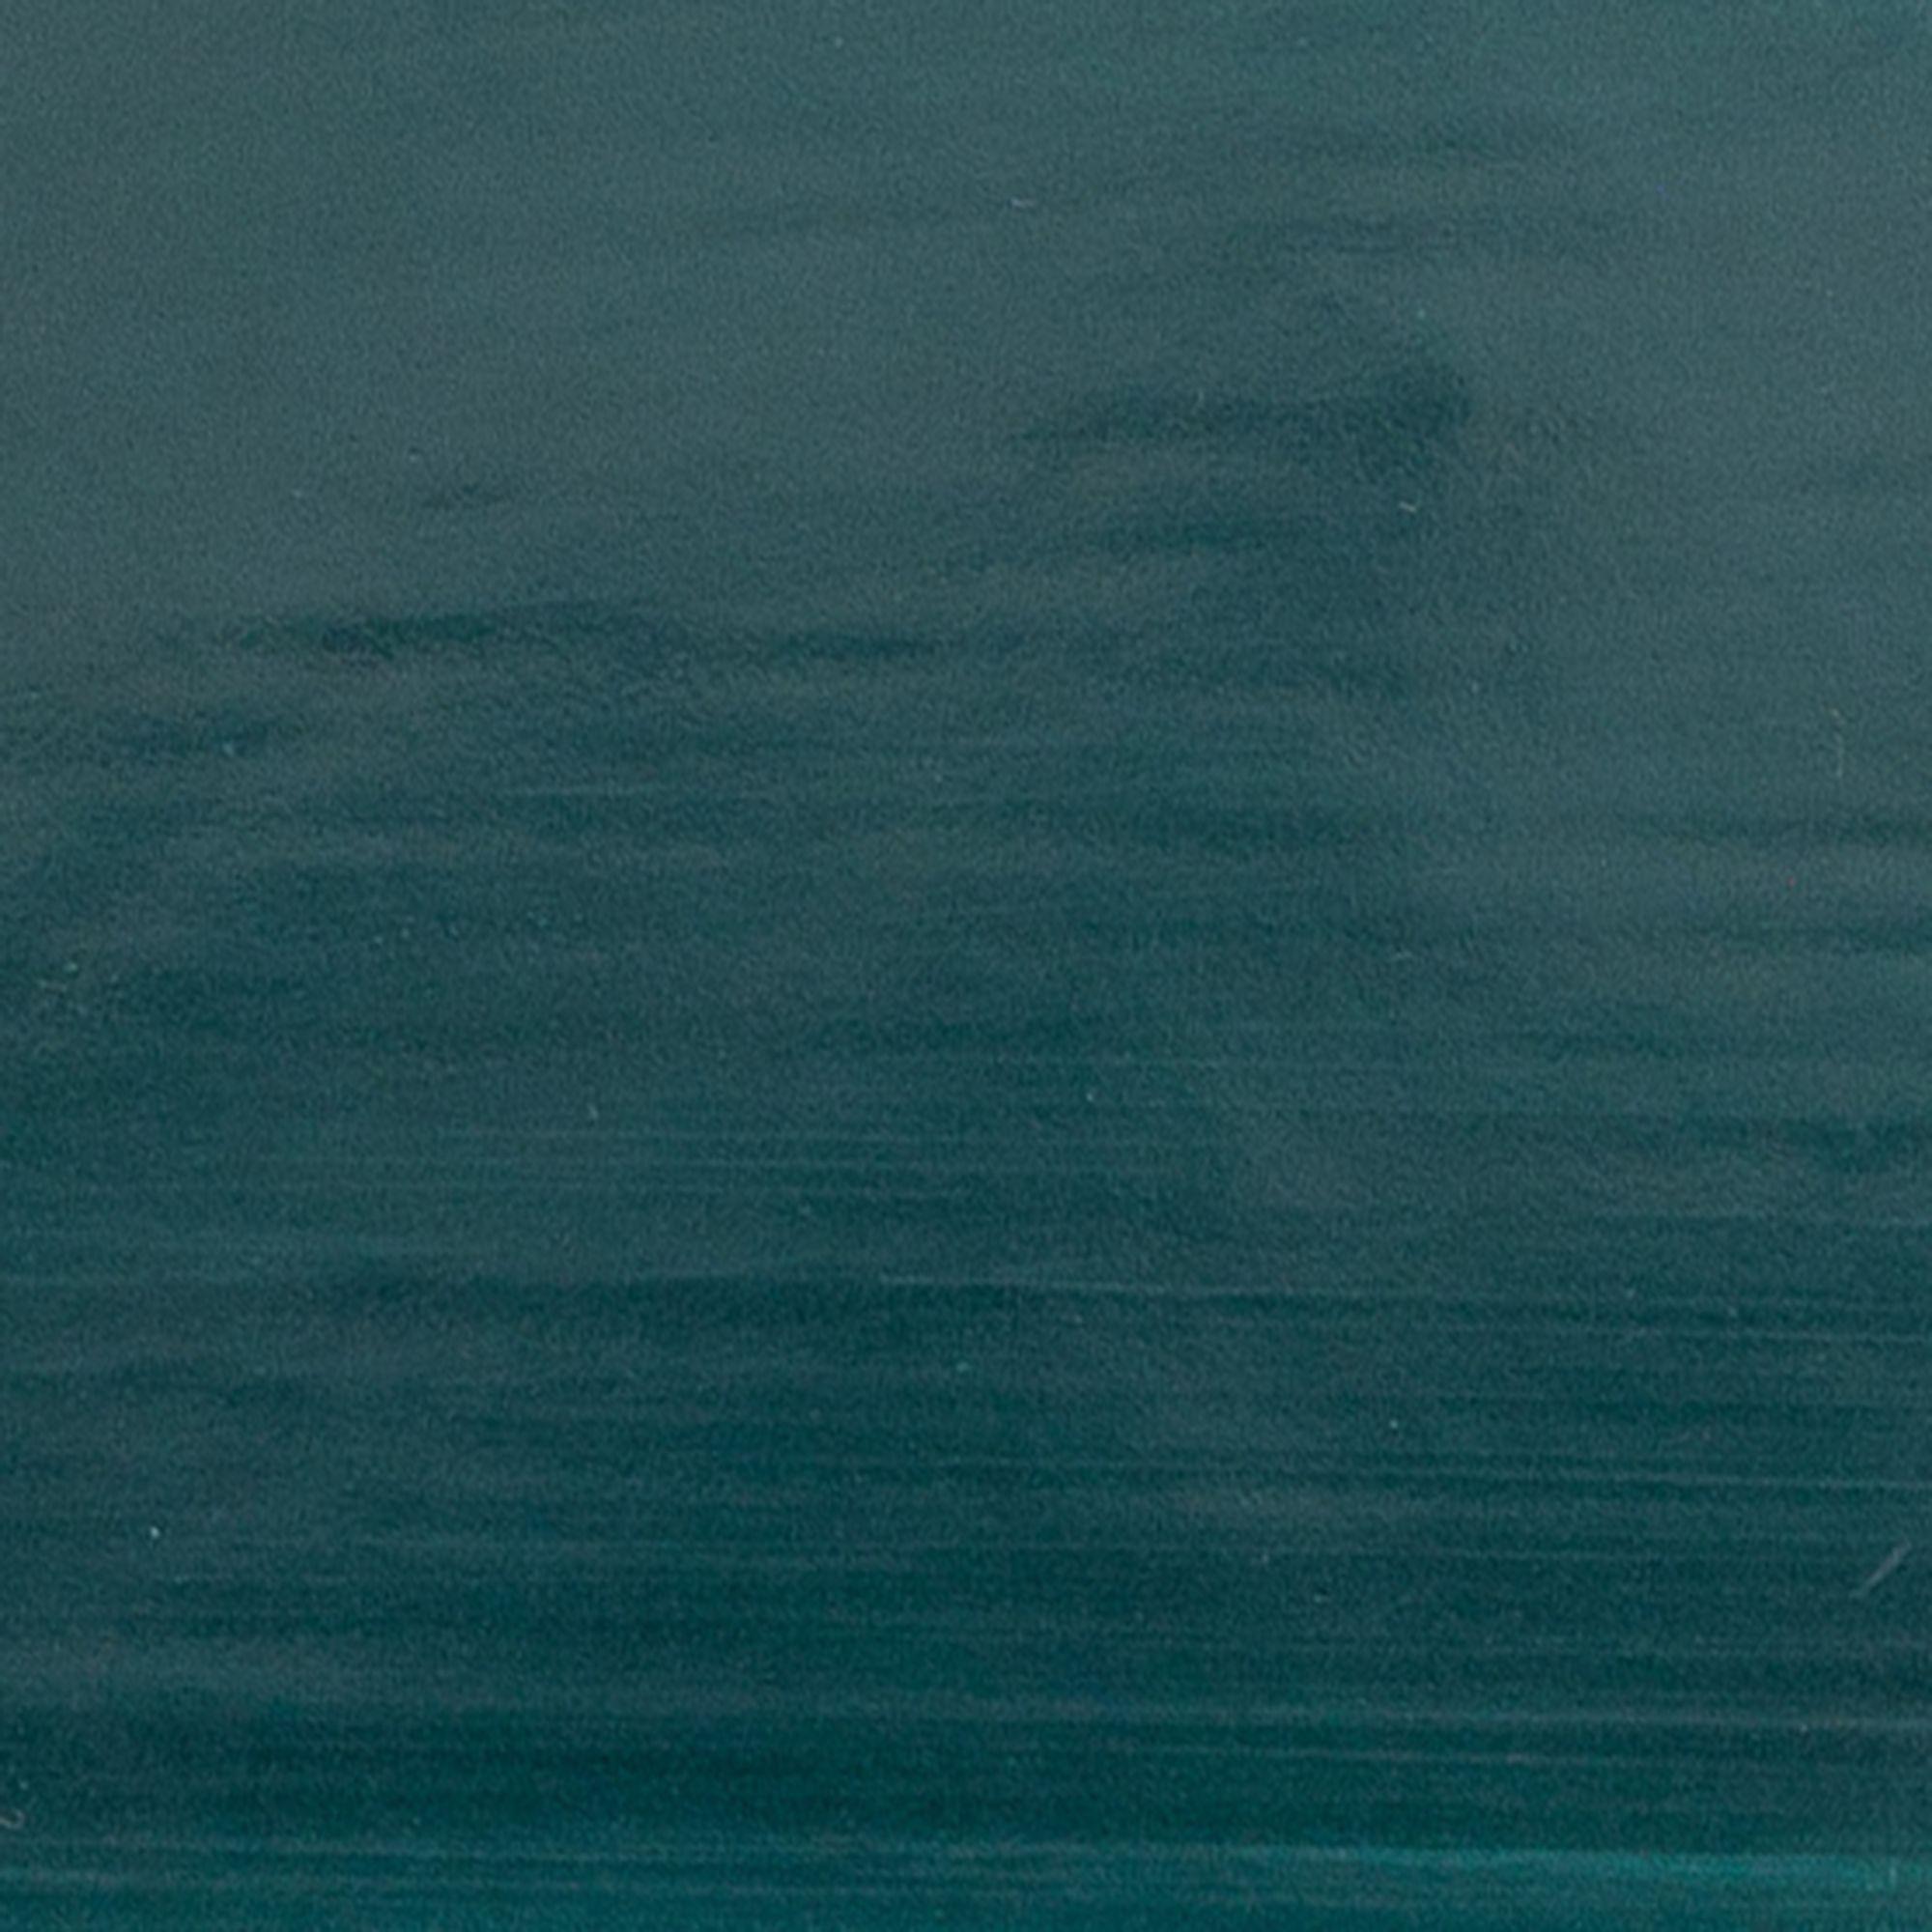 GREEN DARK GLOSS¦ Brushed Colour | BRUSHED GLOSS & MATT PALETTE ...